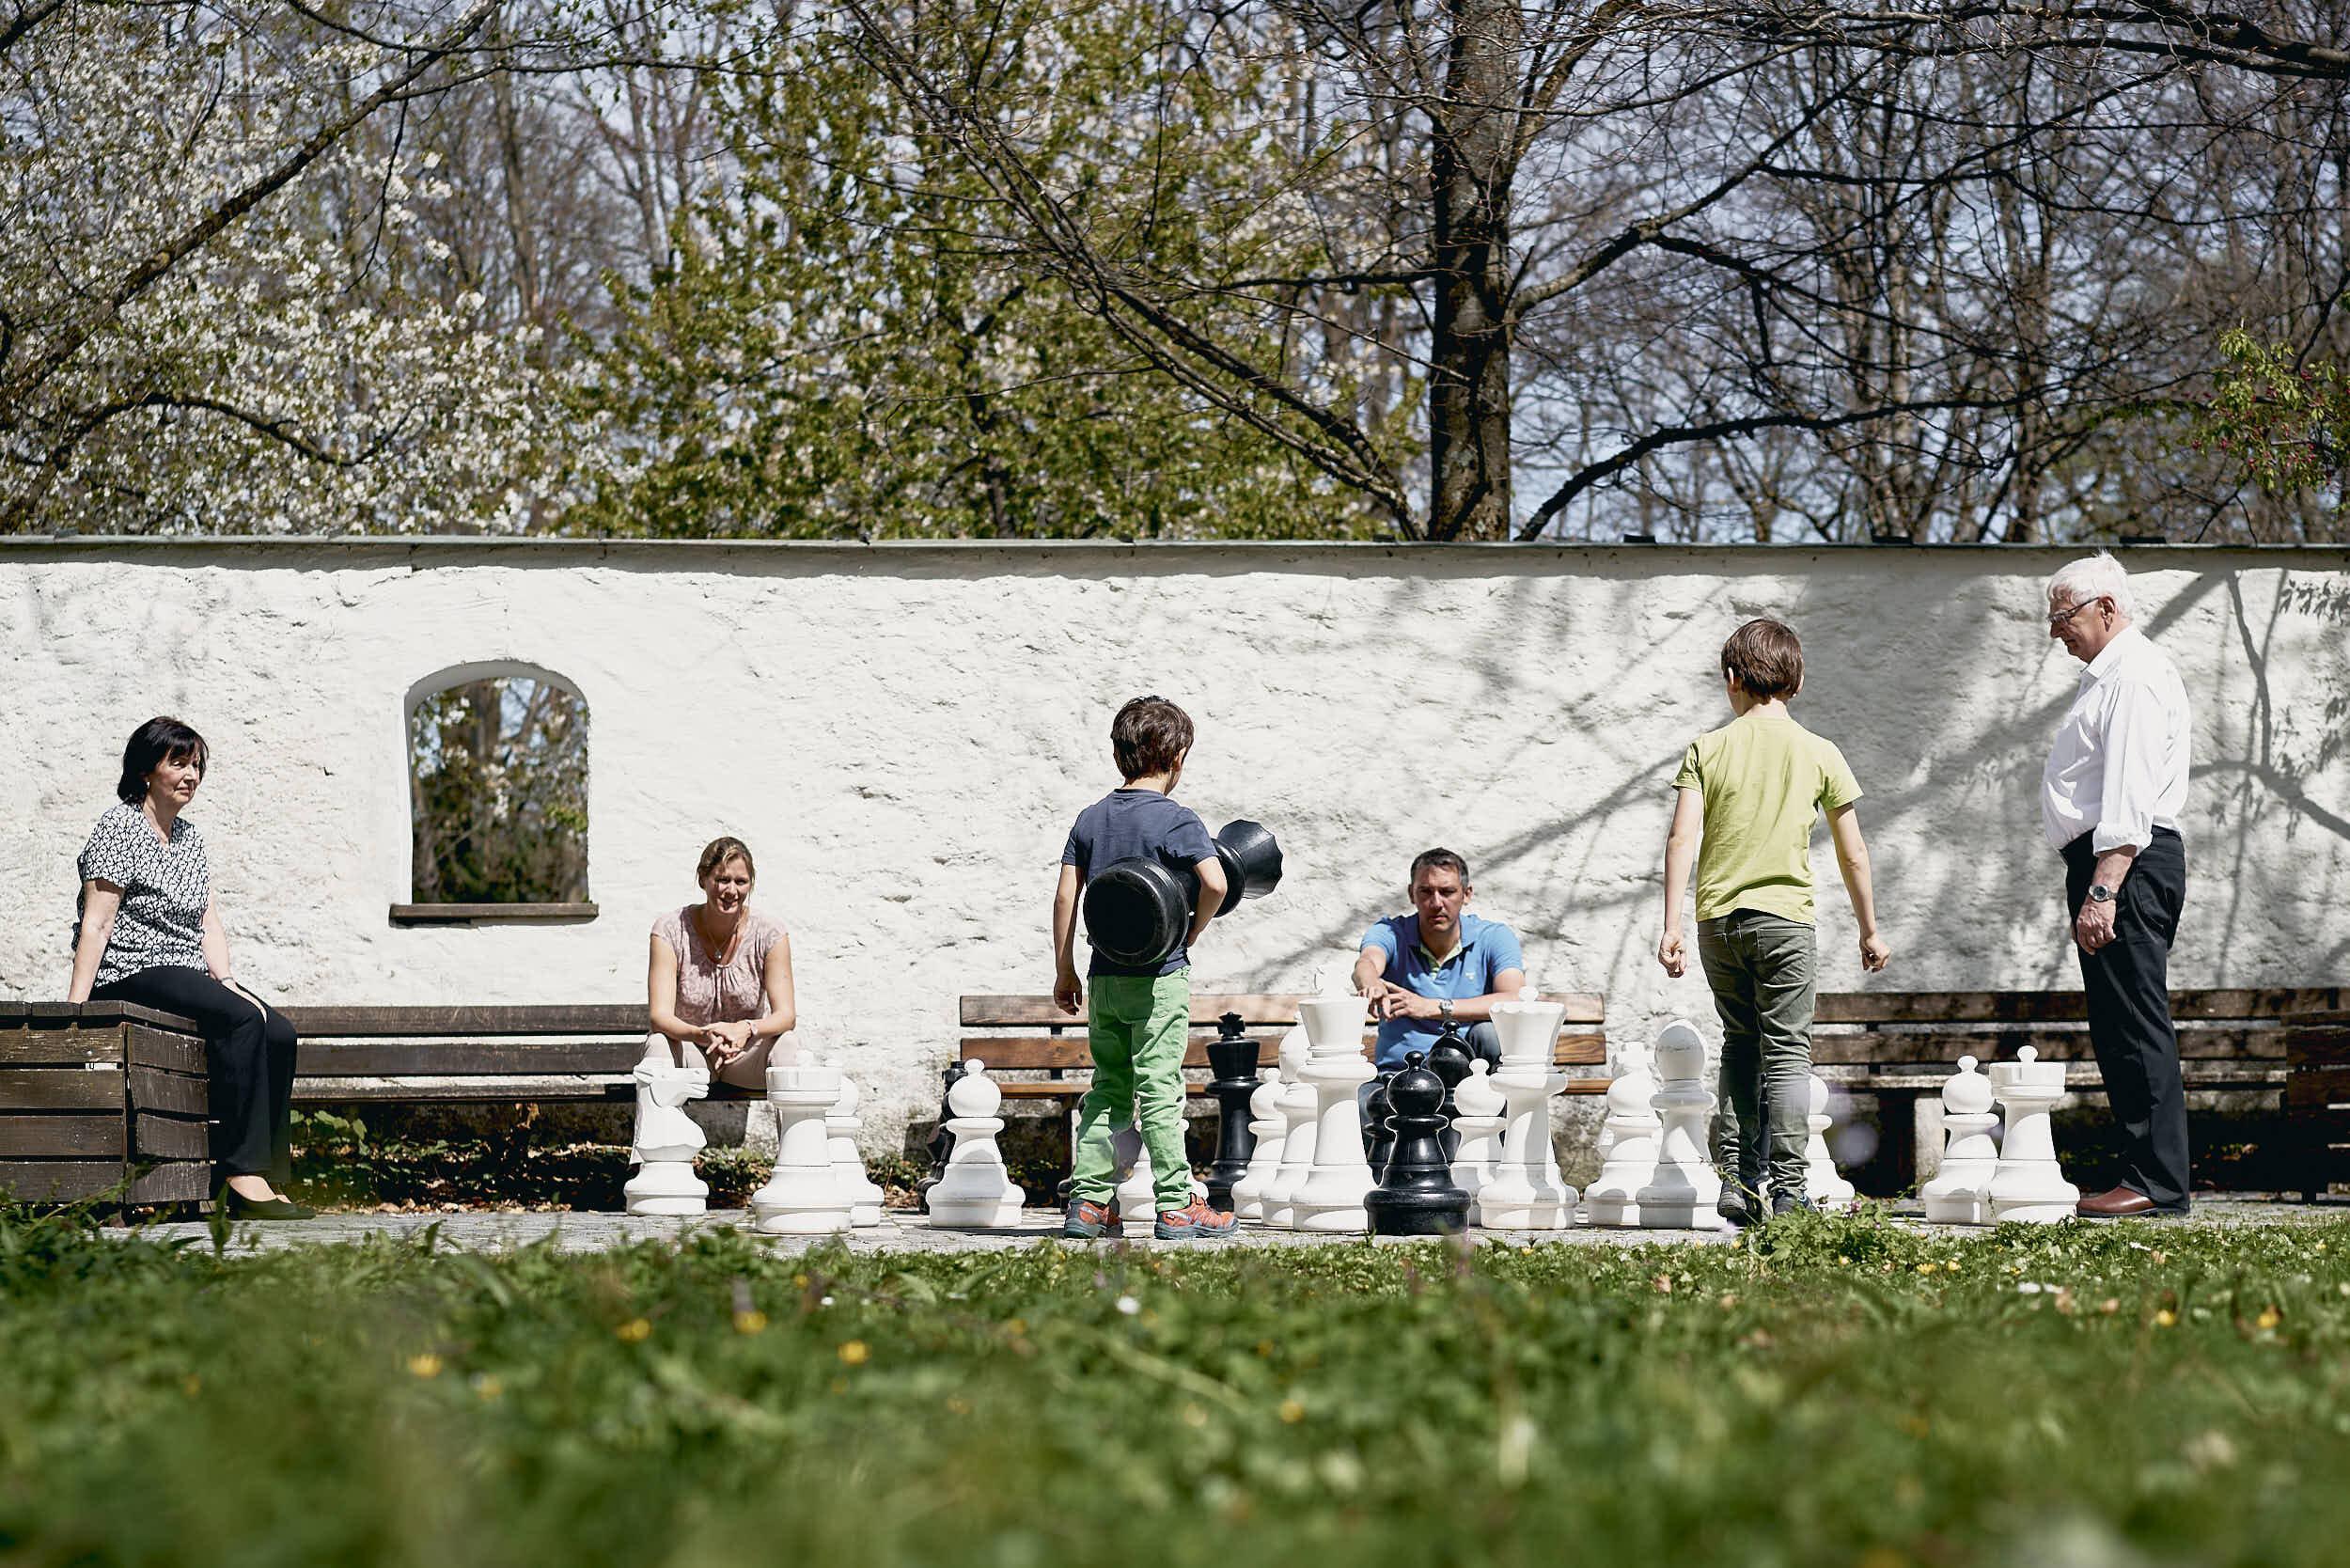 Ingo und Stephanie Mehner mit ihren beiden Kindern, sowie den Eltern von Ingo Mehner.